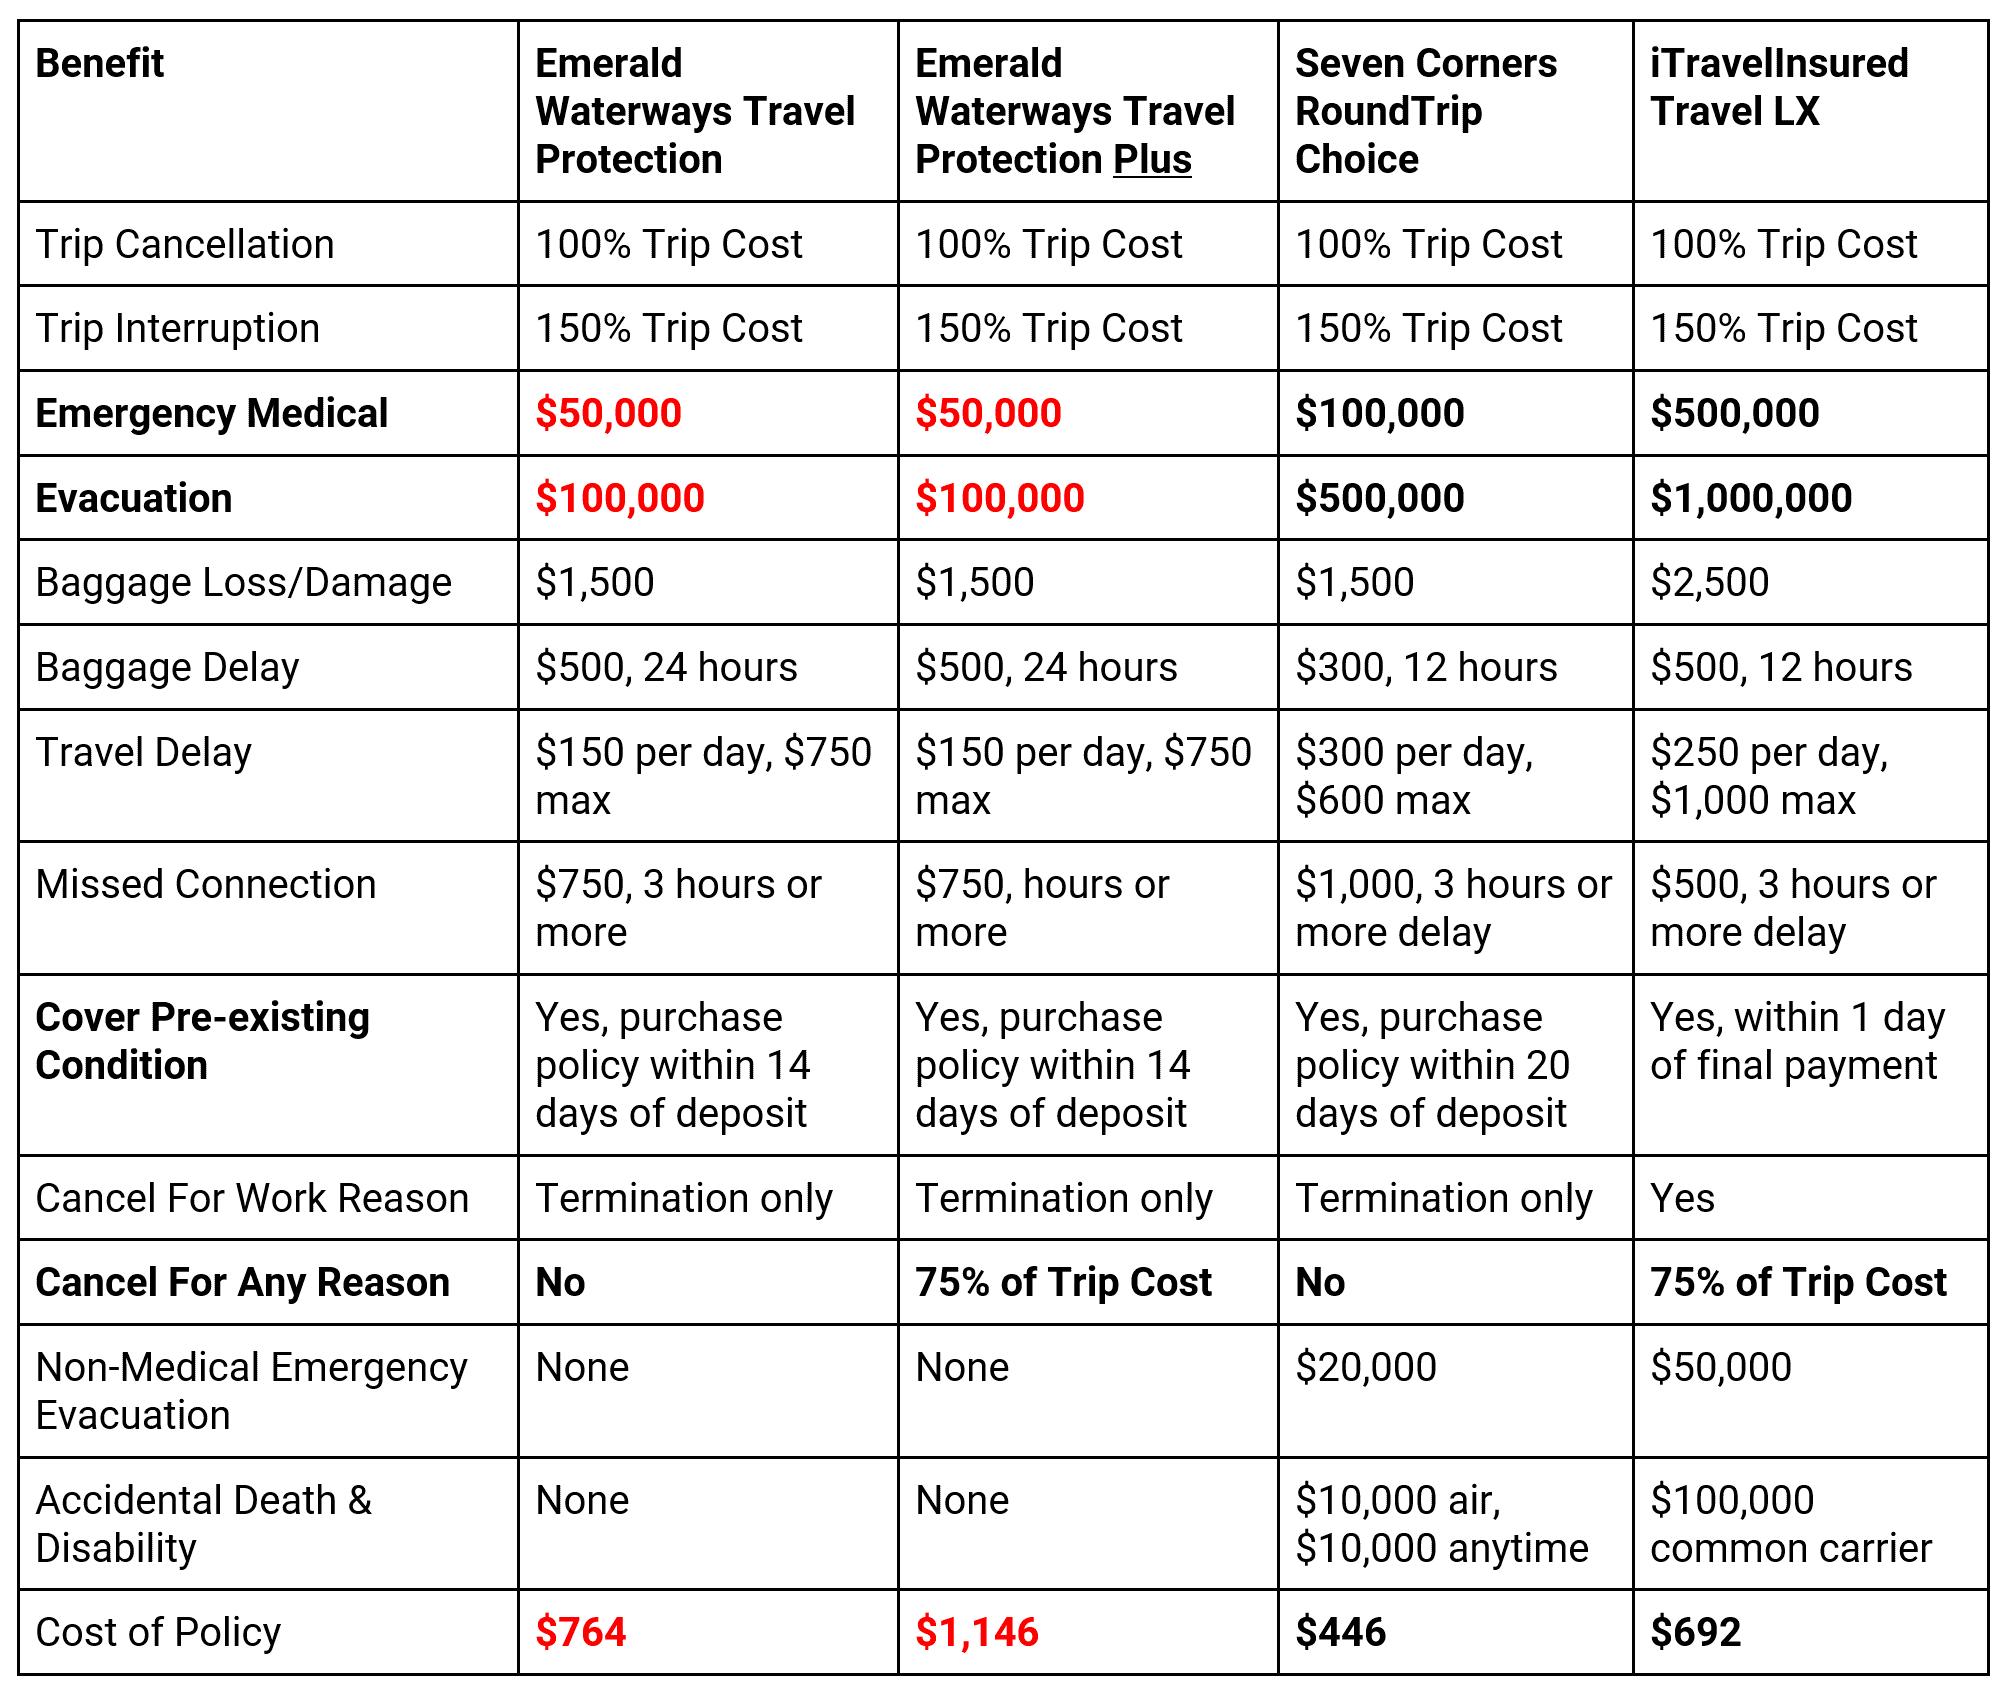 Emerald-Waterways-Comparison   AardvarkCompare.com